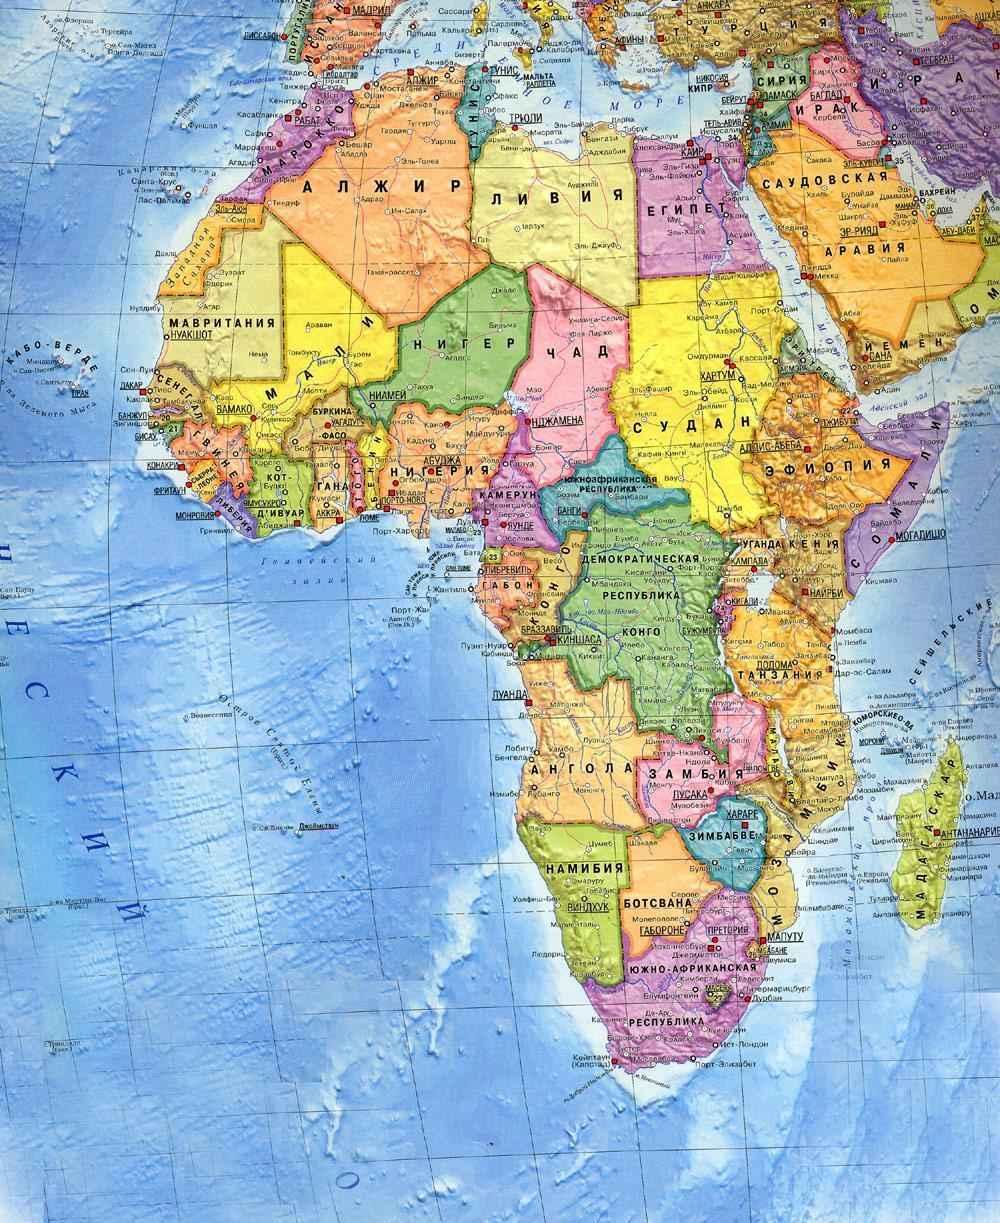 Географические карты Африки крупным планом на русском языке: физическая, политическая и контурная 3